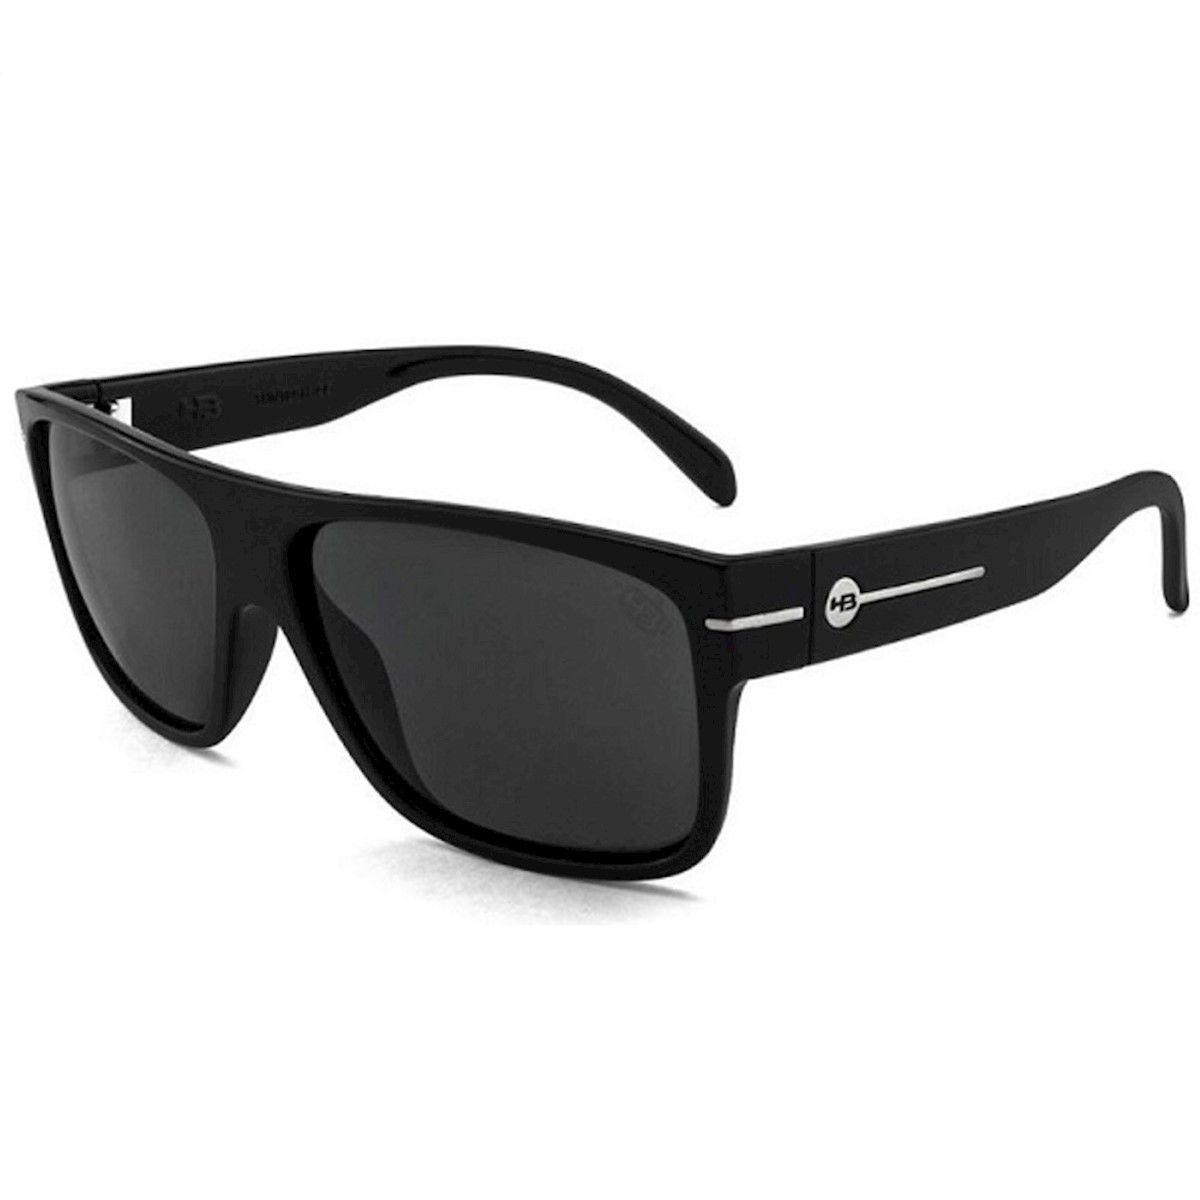 Óculos de Sol HB Would Gloss Black Gray